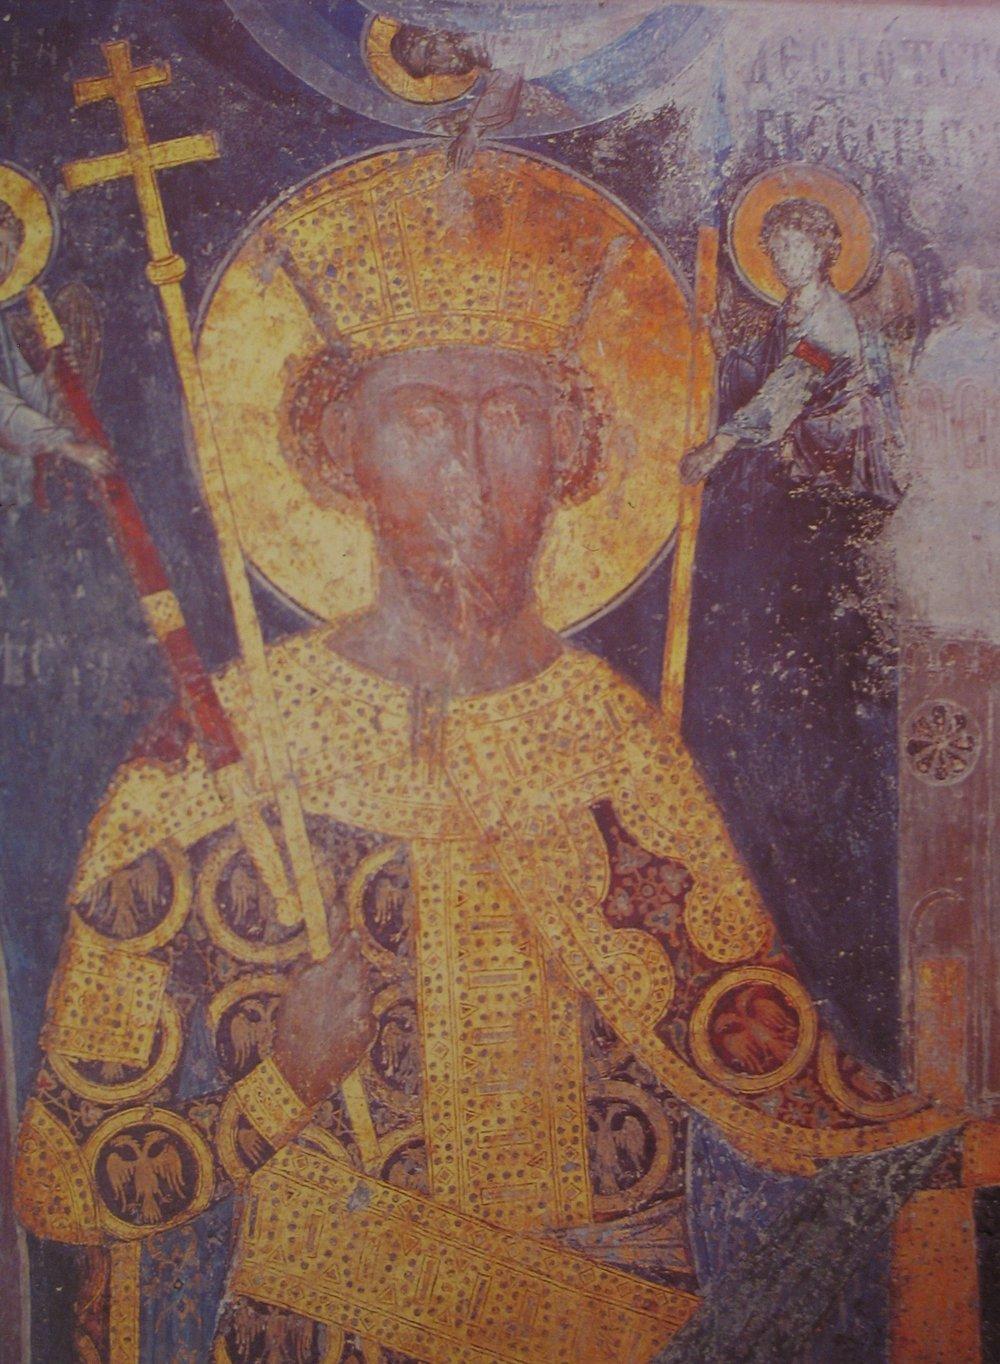 Стефан превратил вассальное княжество Сербию, находящуюся на грани полной потери государственности, в богатую деспотию, страну, в которой процветали искусство и культура.